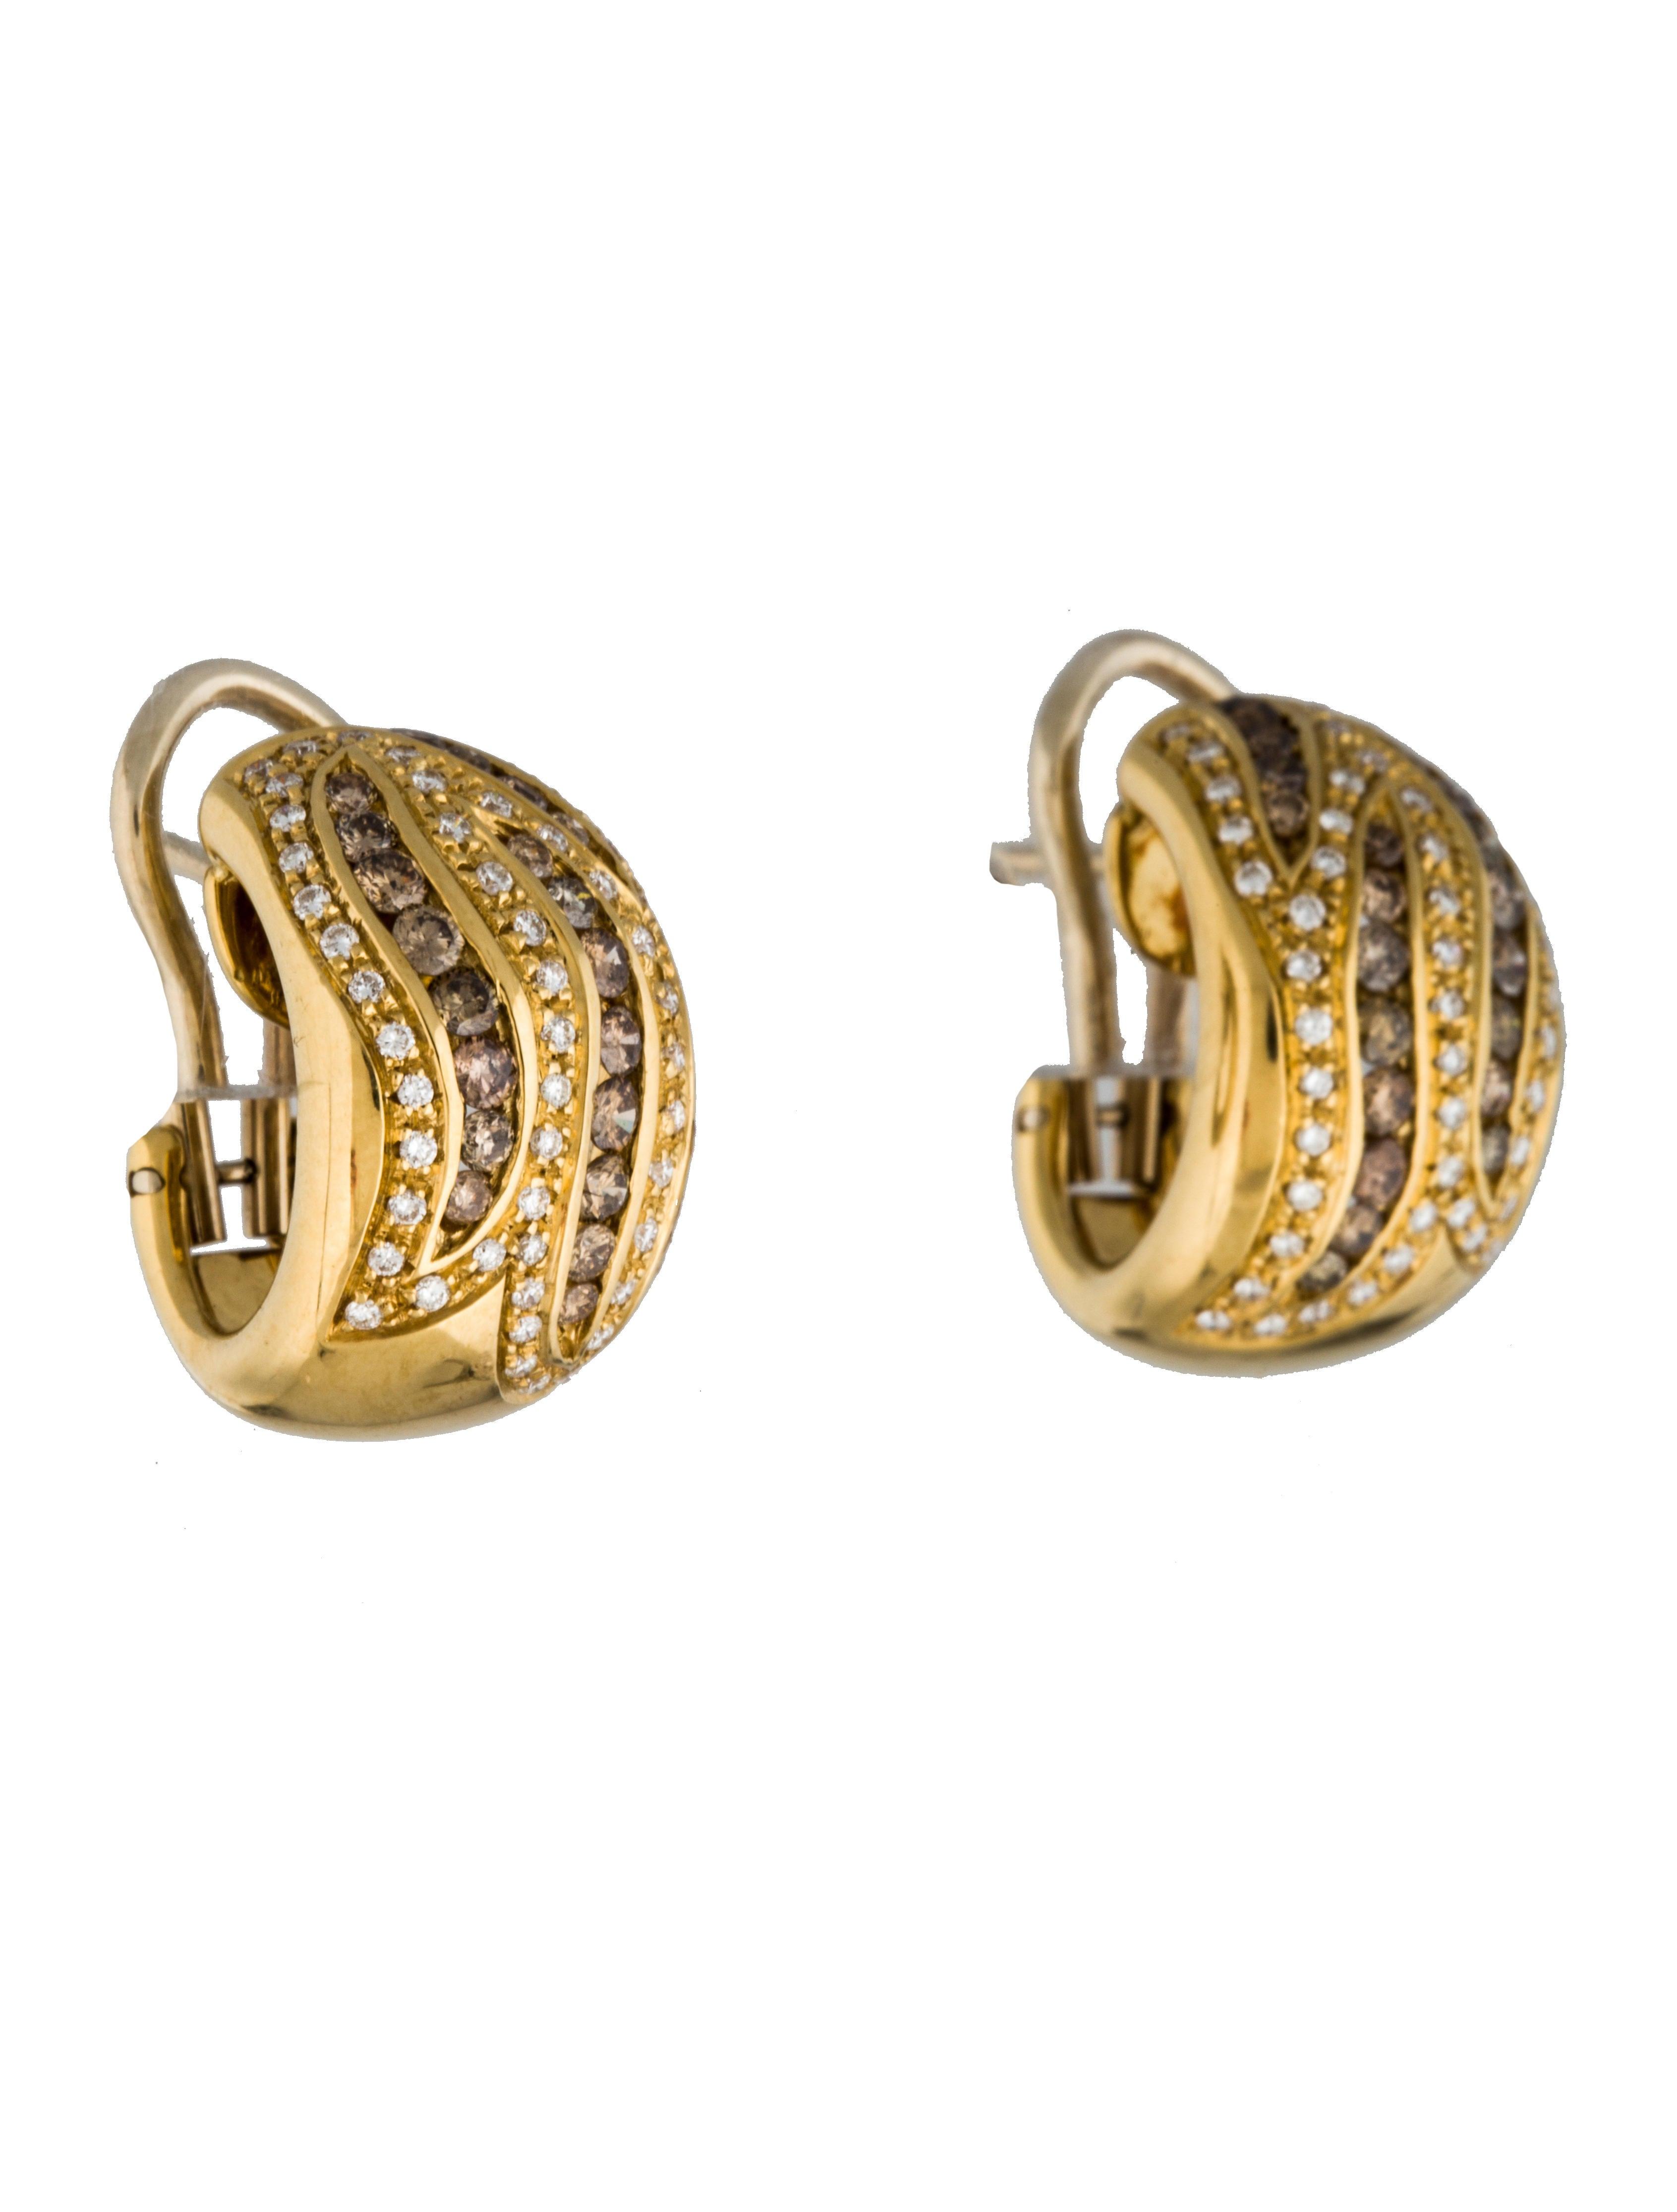 Damiani 18K Brown & White Diamond Huggie Hoop Earrings Earrings